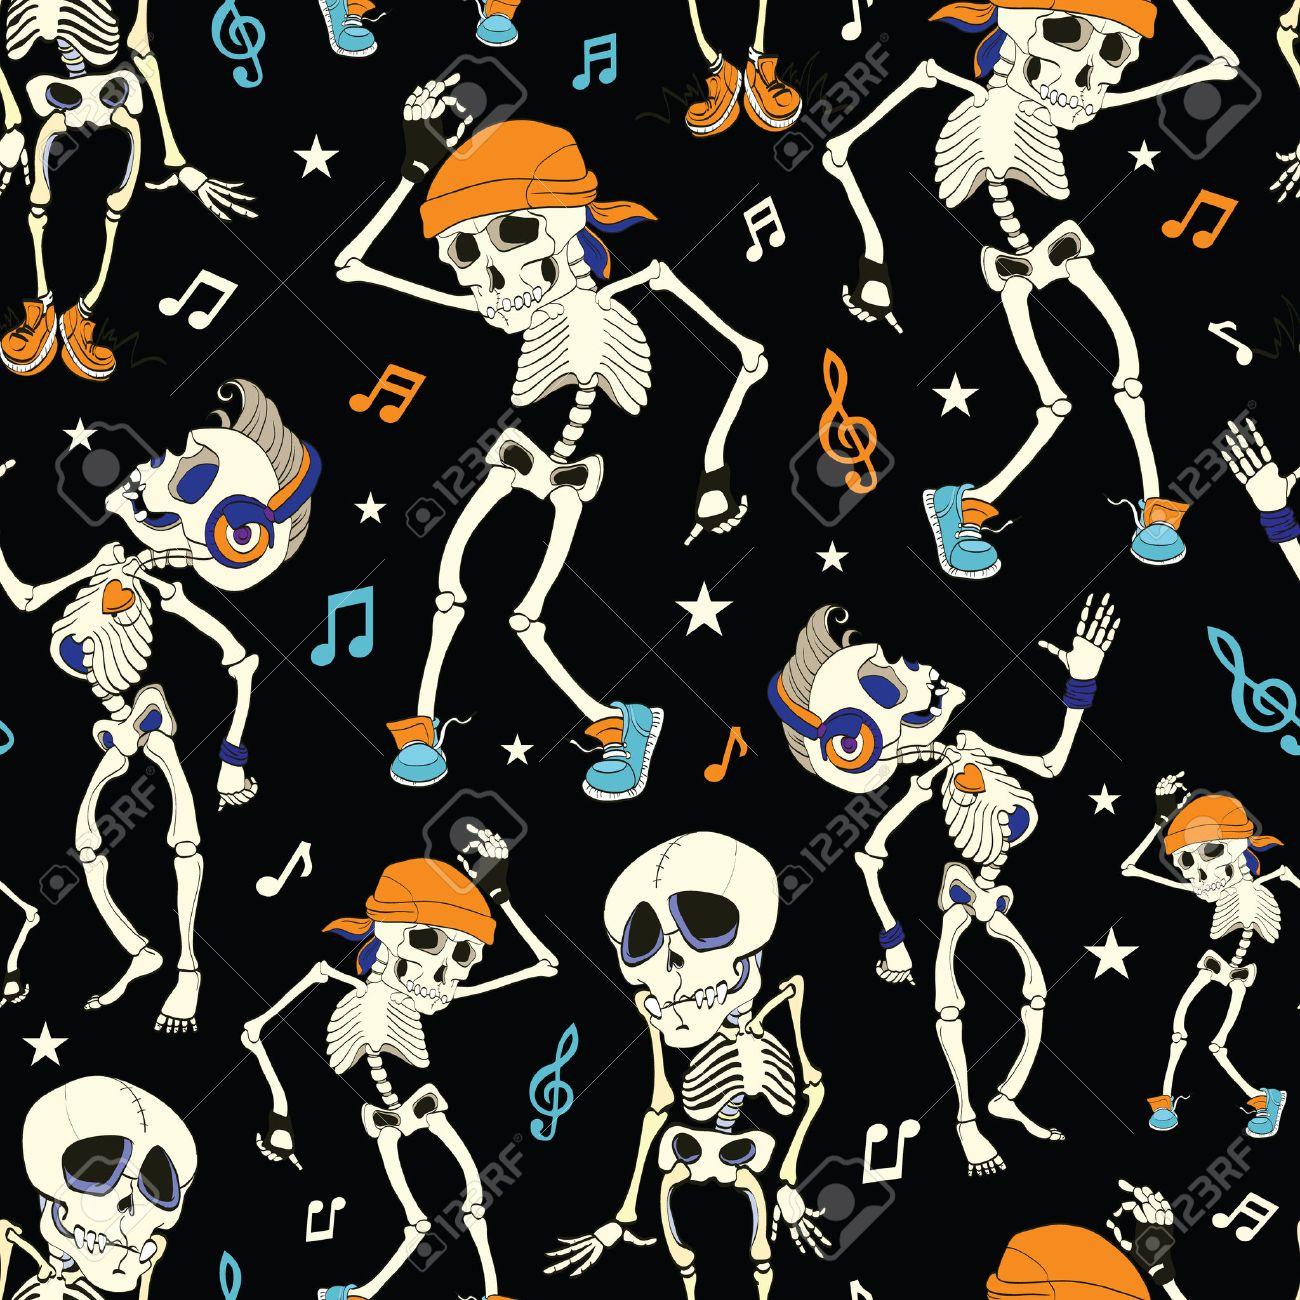 vector dancing skeletons party halloween seamless pattern music disco funny headphones graphic design stock - Dancing Halloween